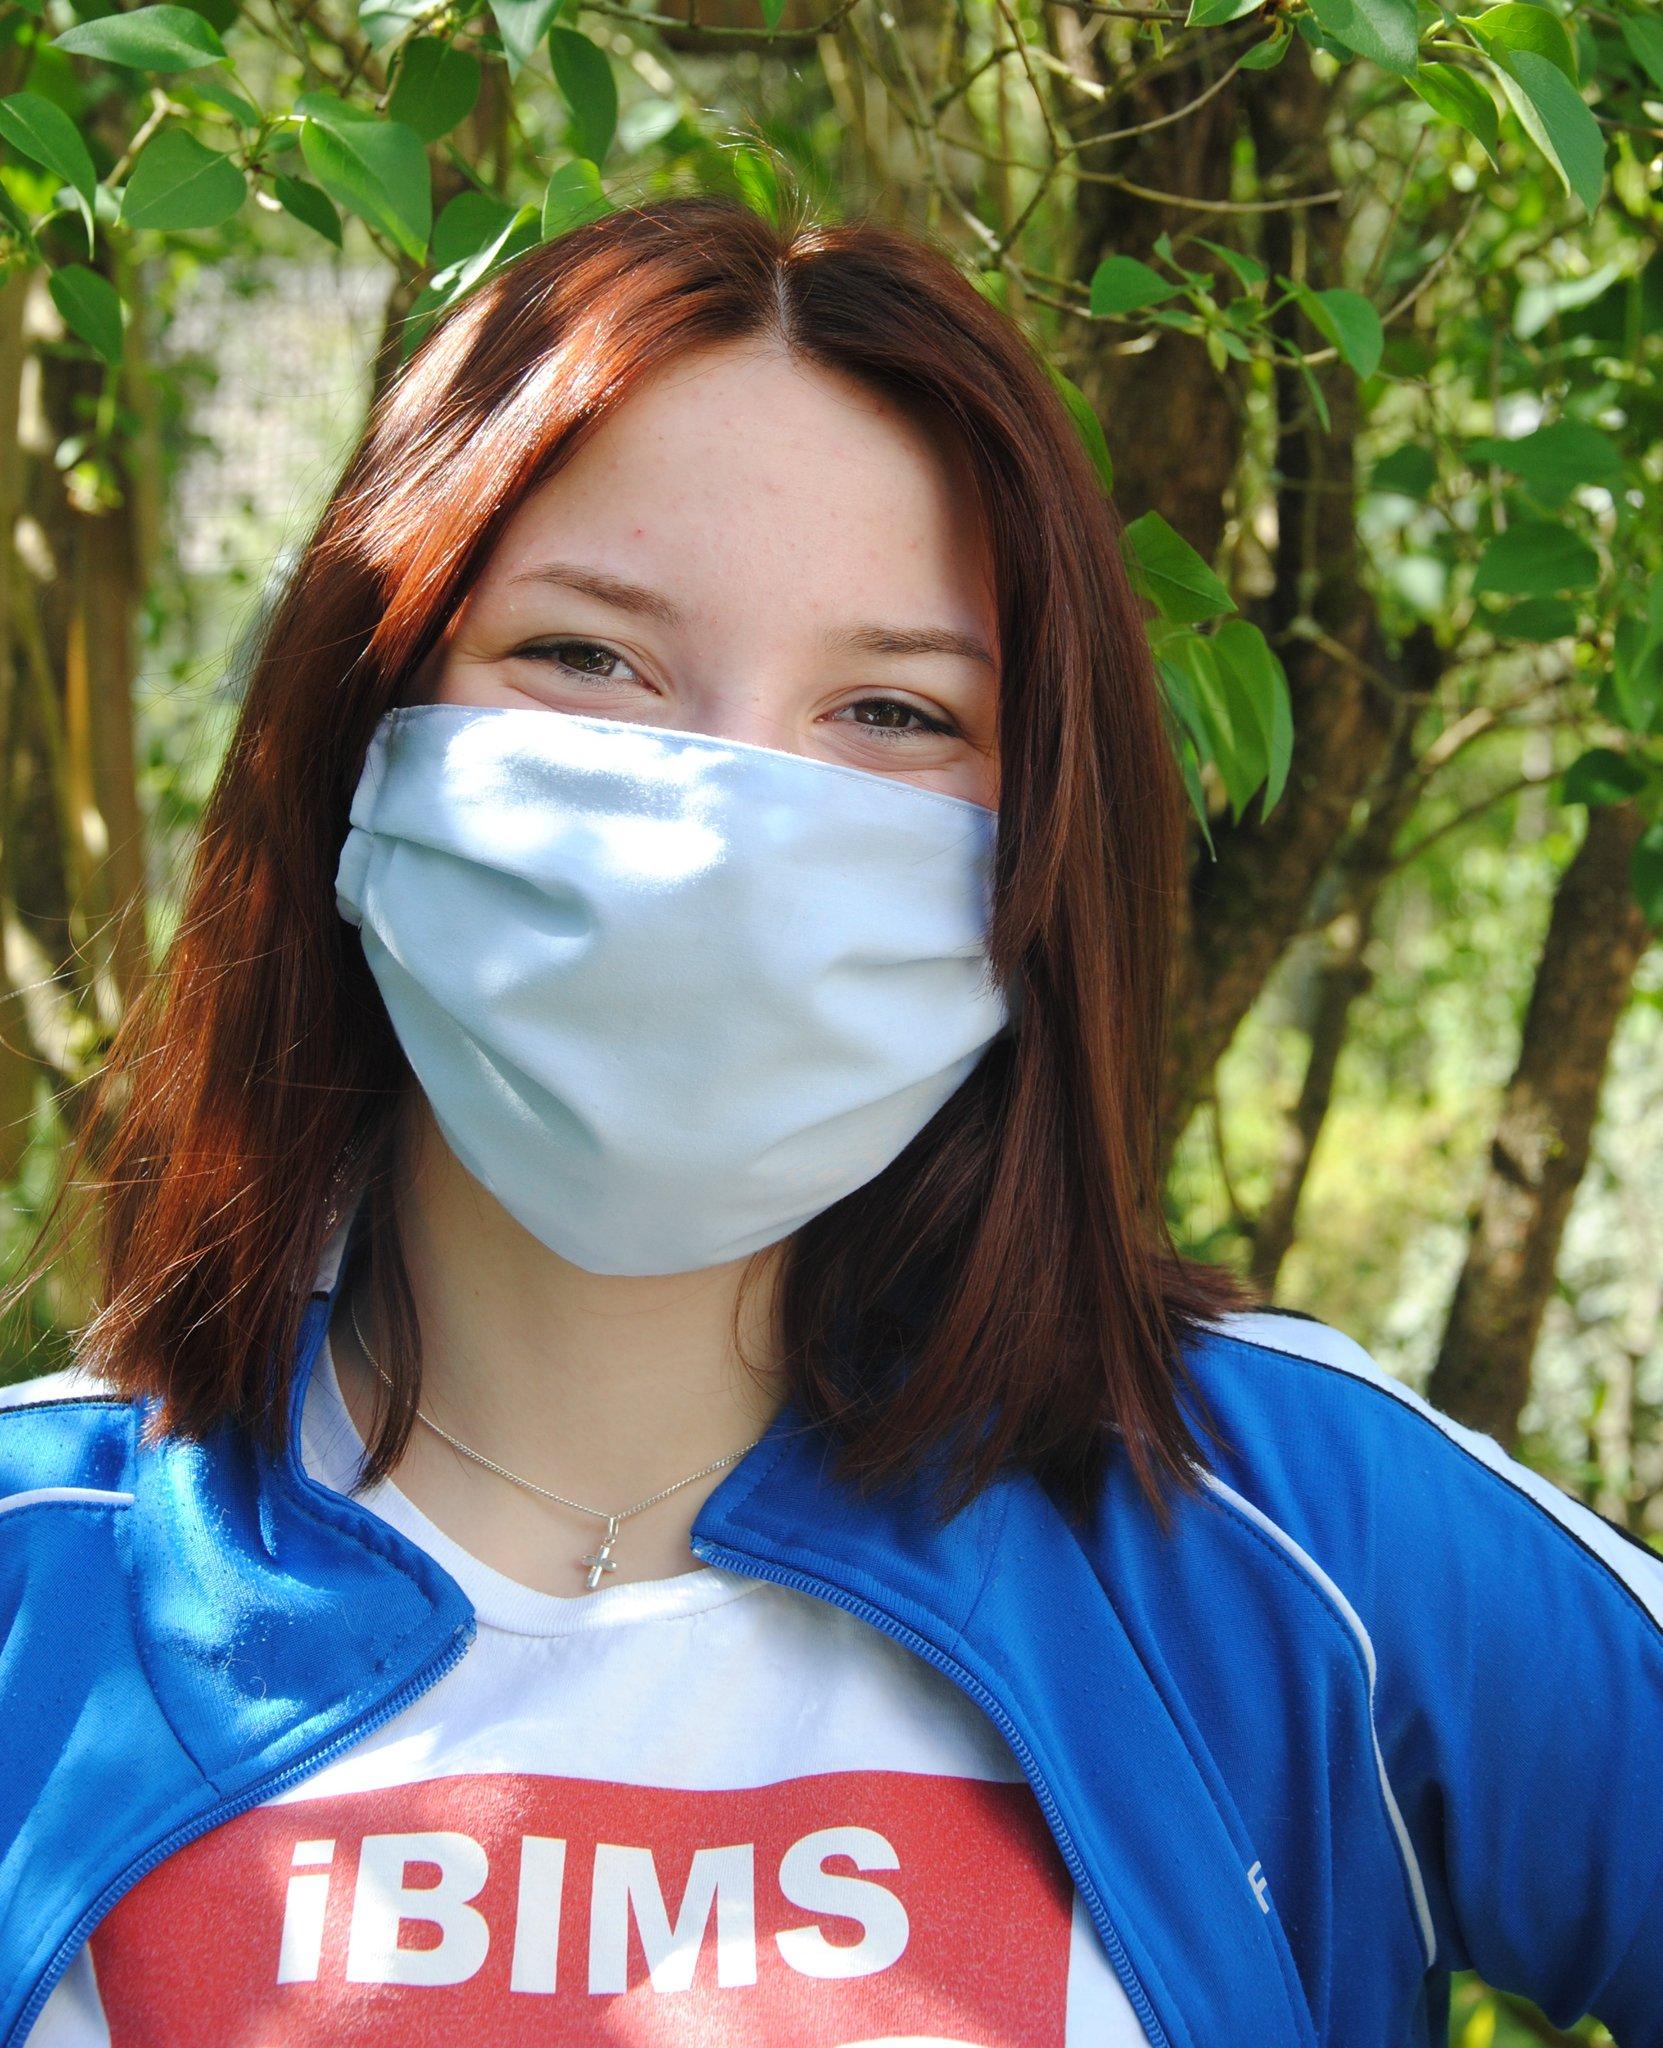 Nähanleitung: Mund-Nasen-Schutz selbst nähen - Miltenberg